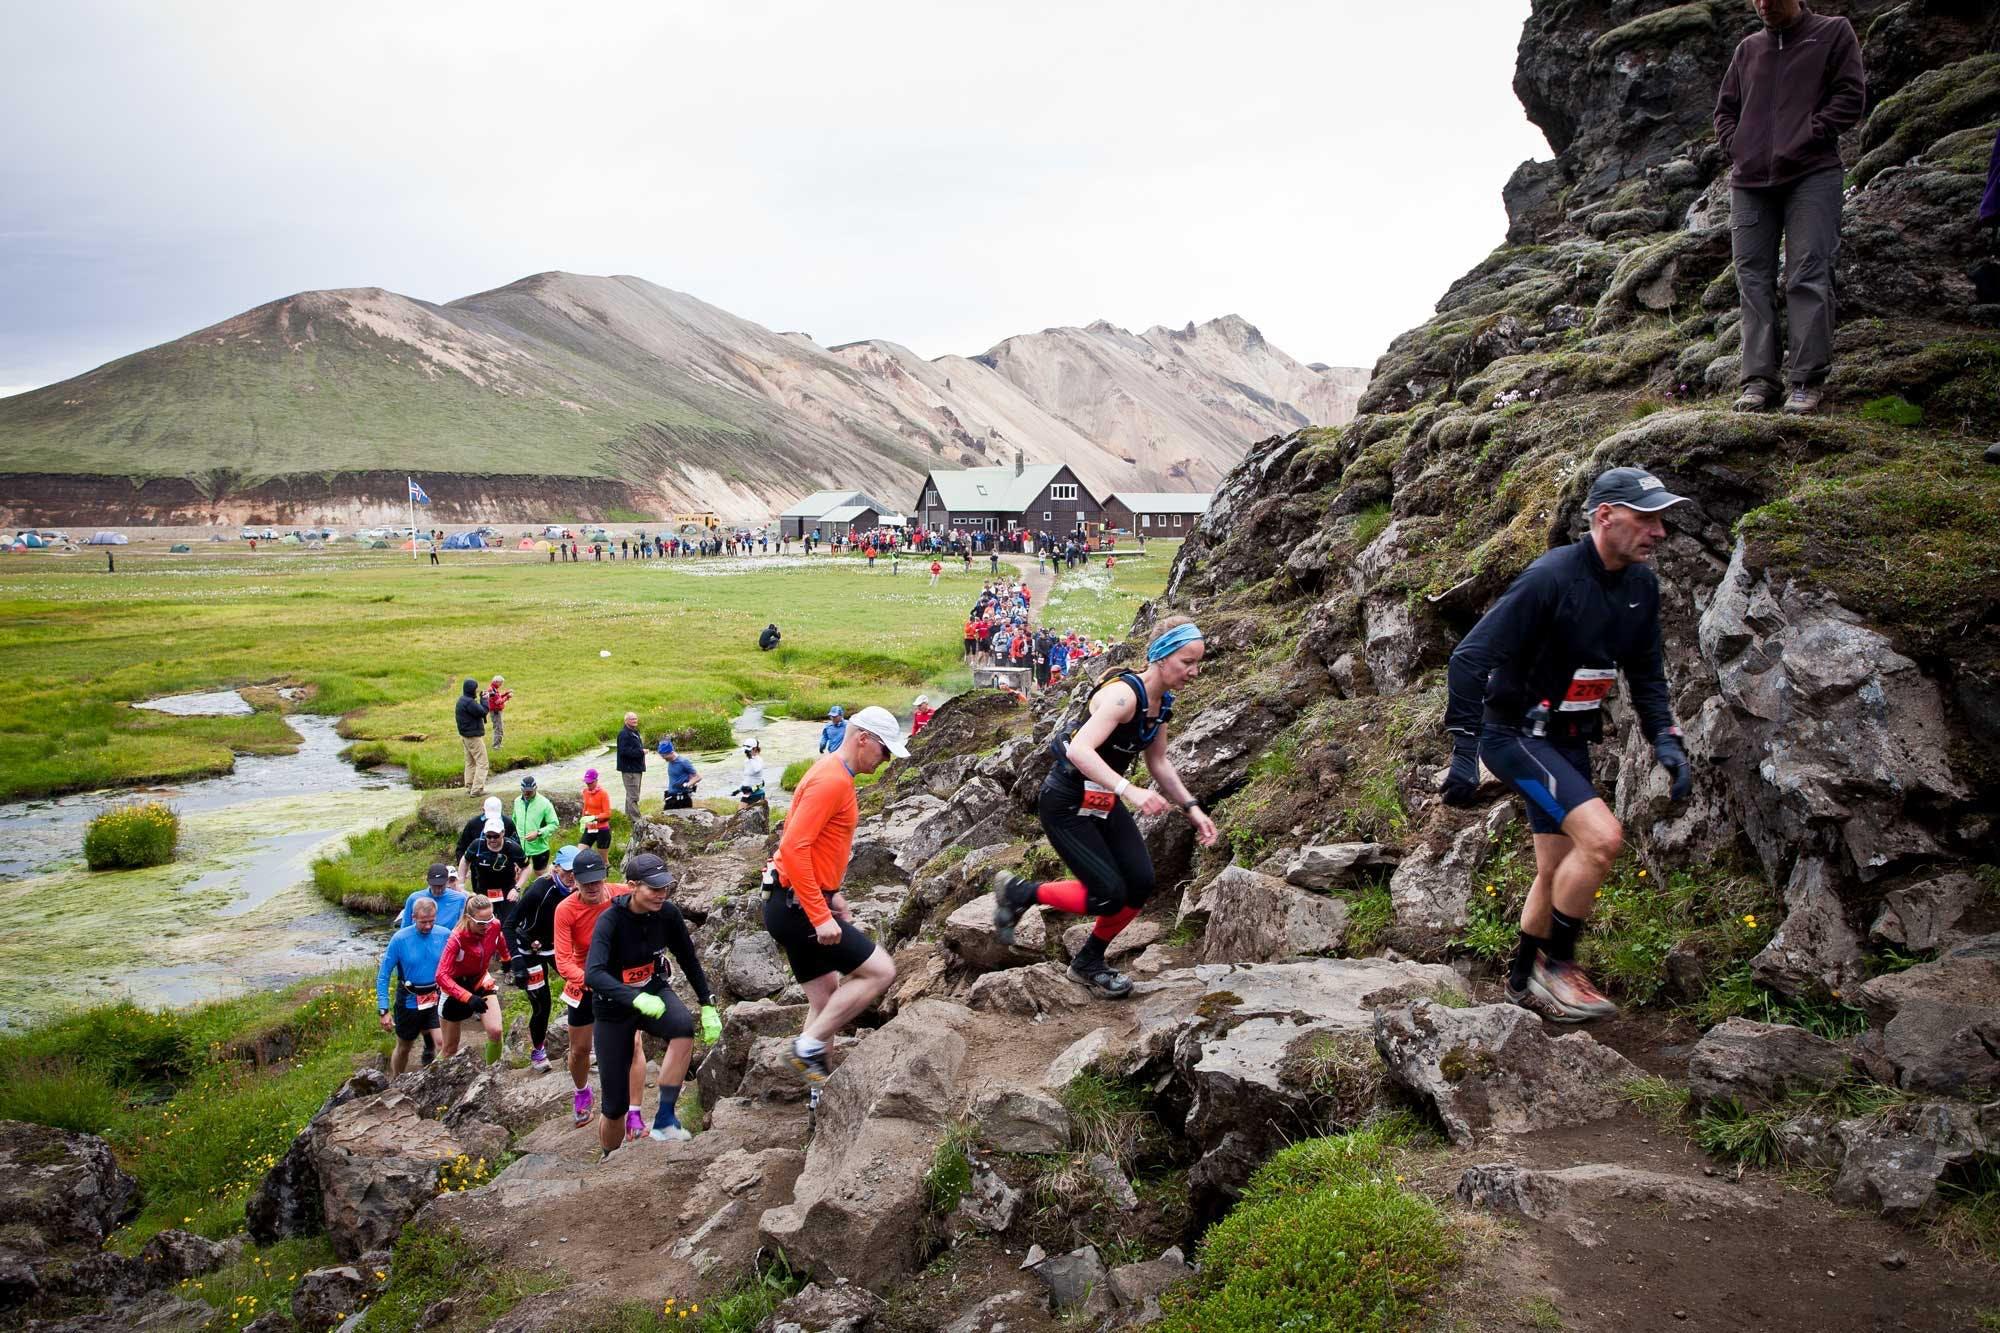 Ultra marathon on Laugavegur hiking trail